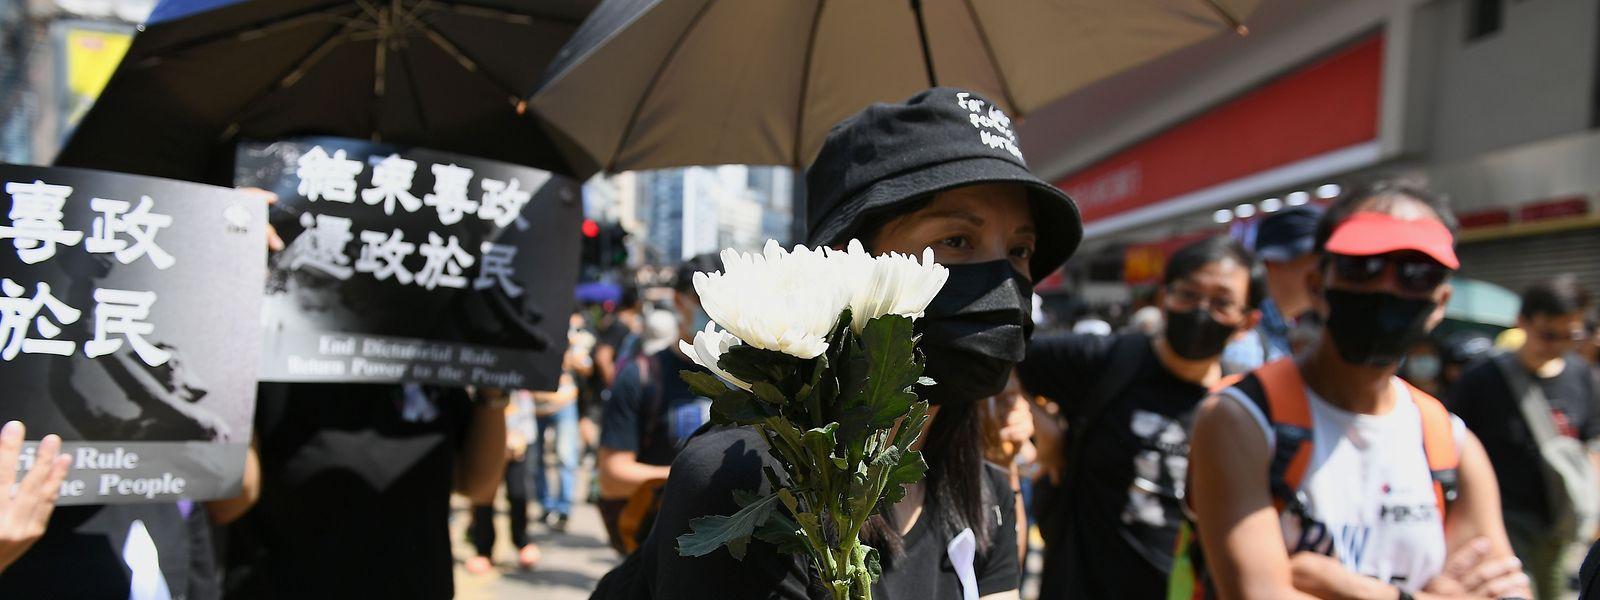 Malgré les interdictions de manifester émises par les autorités, les manifestants se sont retrouvés ce mardi à Causeway Bay.